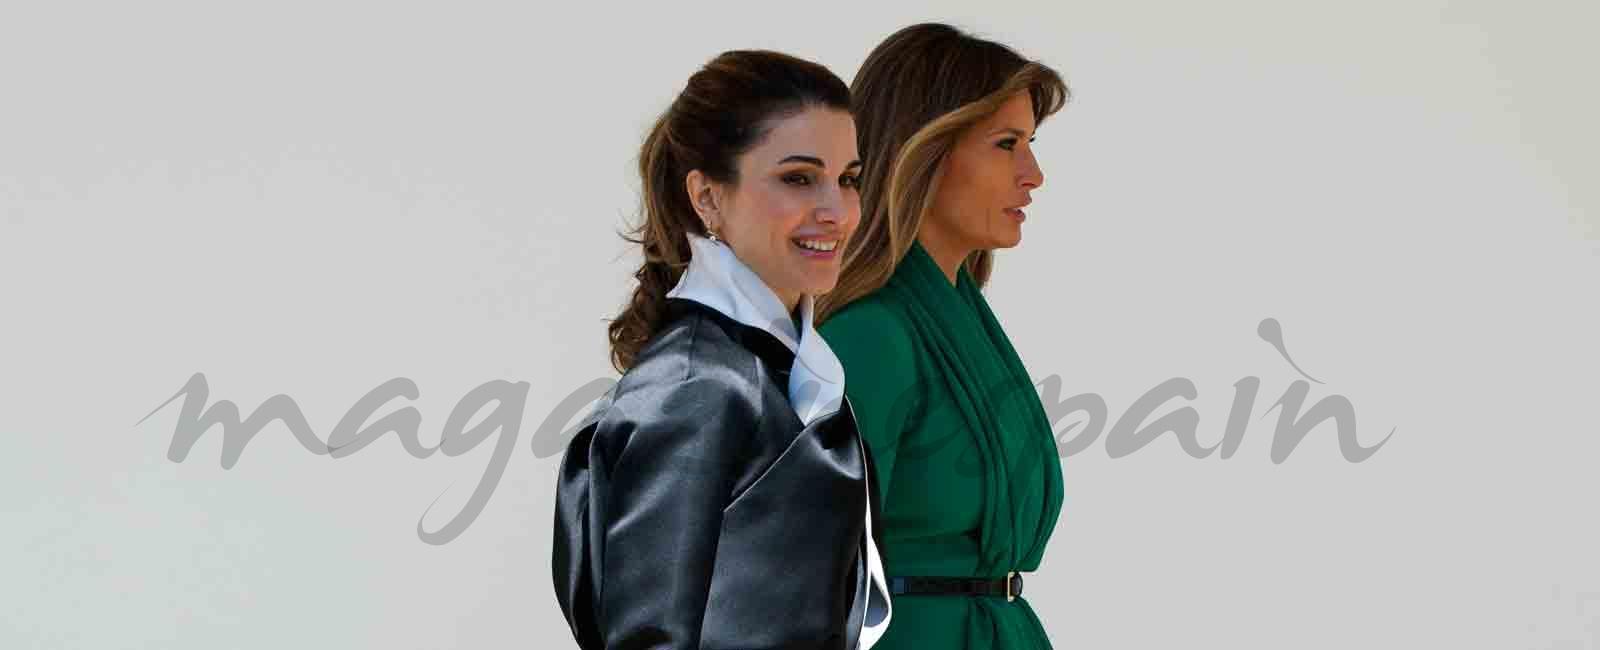 Rania de Jordania y Melania Trump dos estilos diferentes